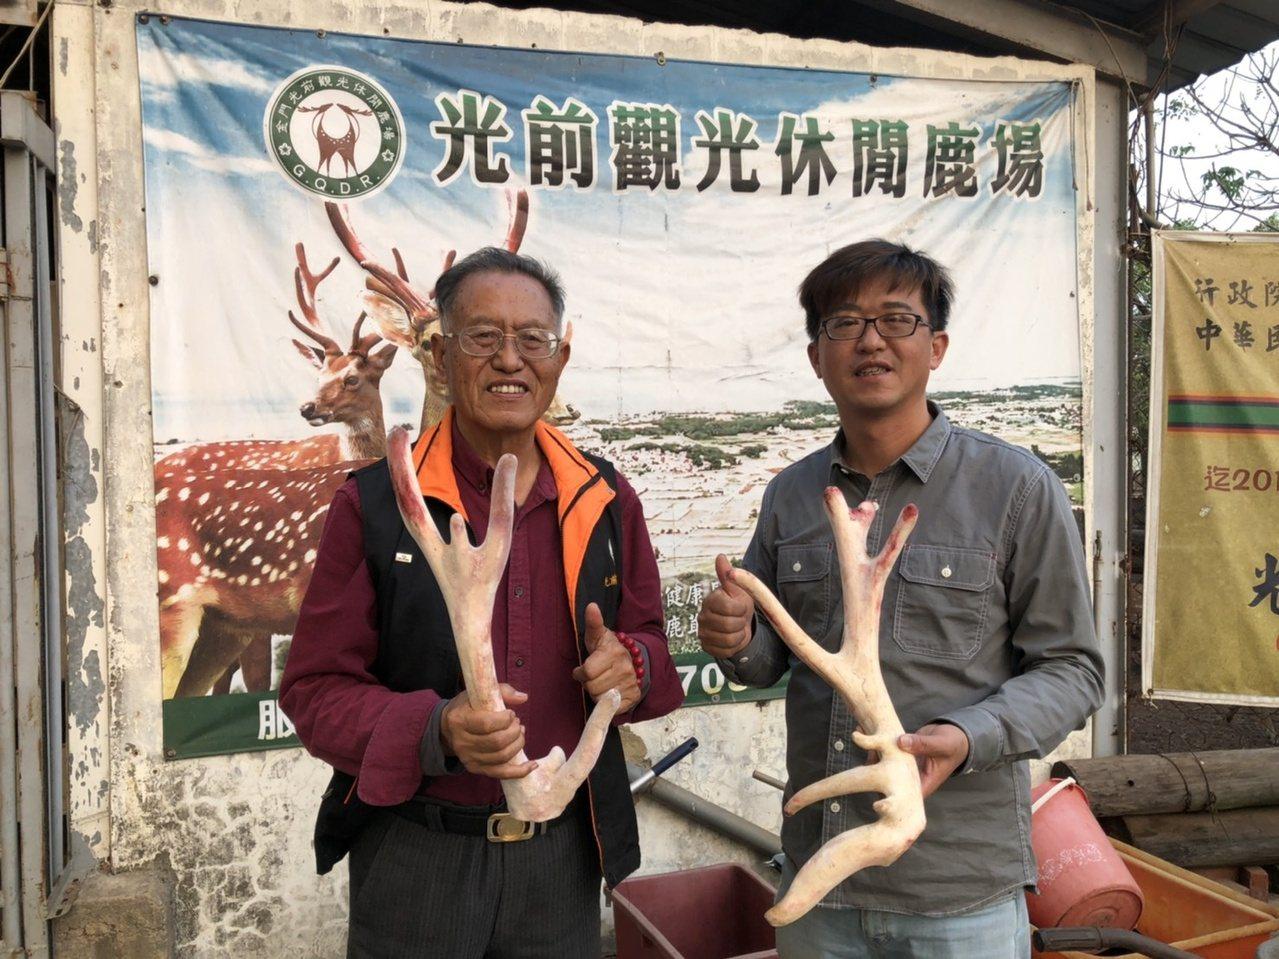 從事教育工作44年的李根樂(左),後來轉投入養鹿業,他與兒子李鍾靈攜手將鹿場經營...